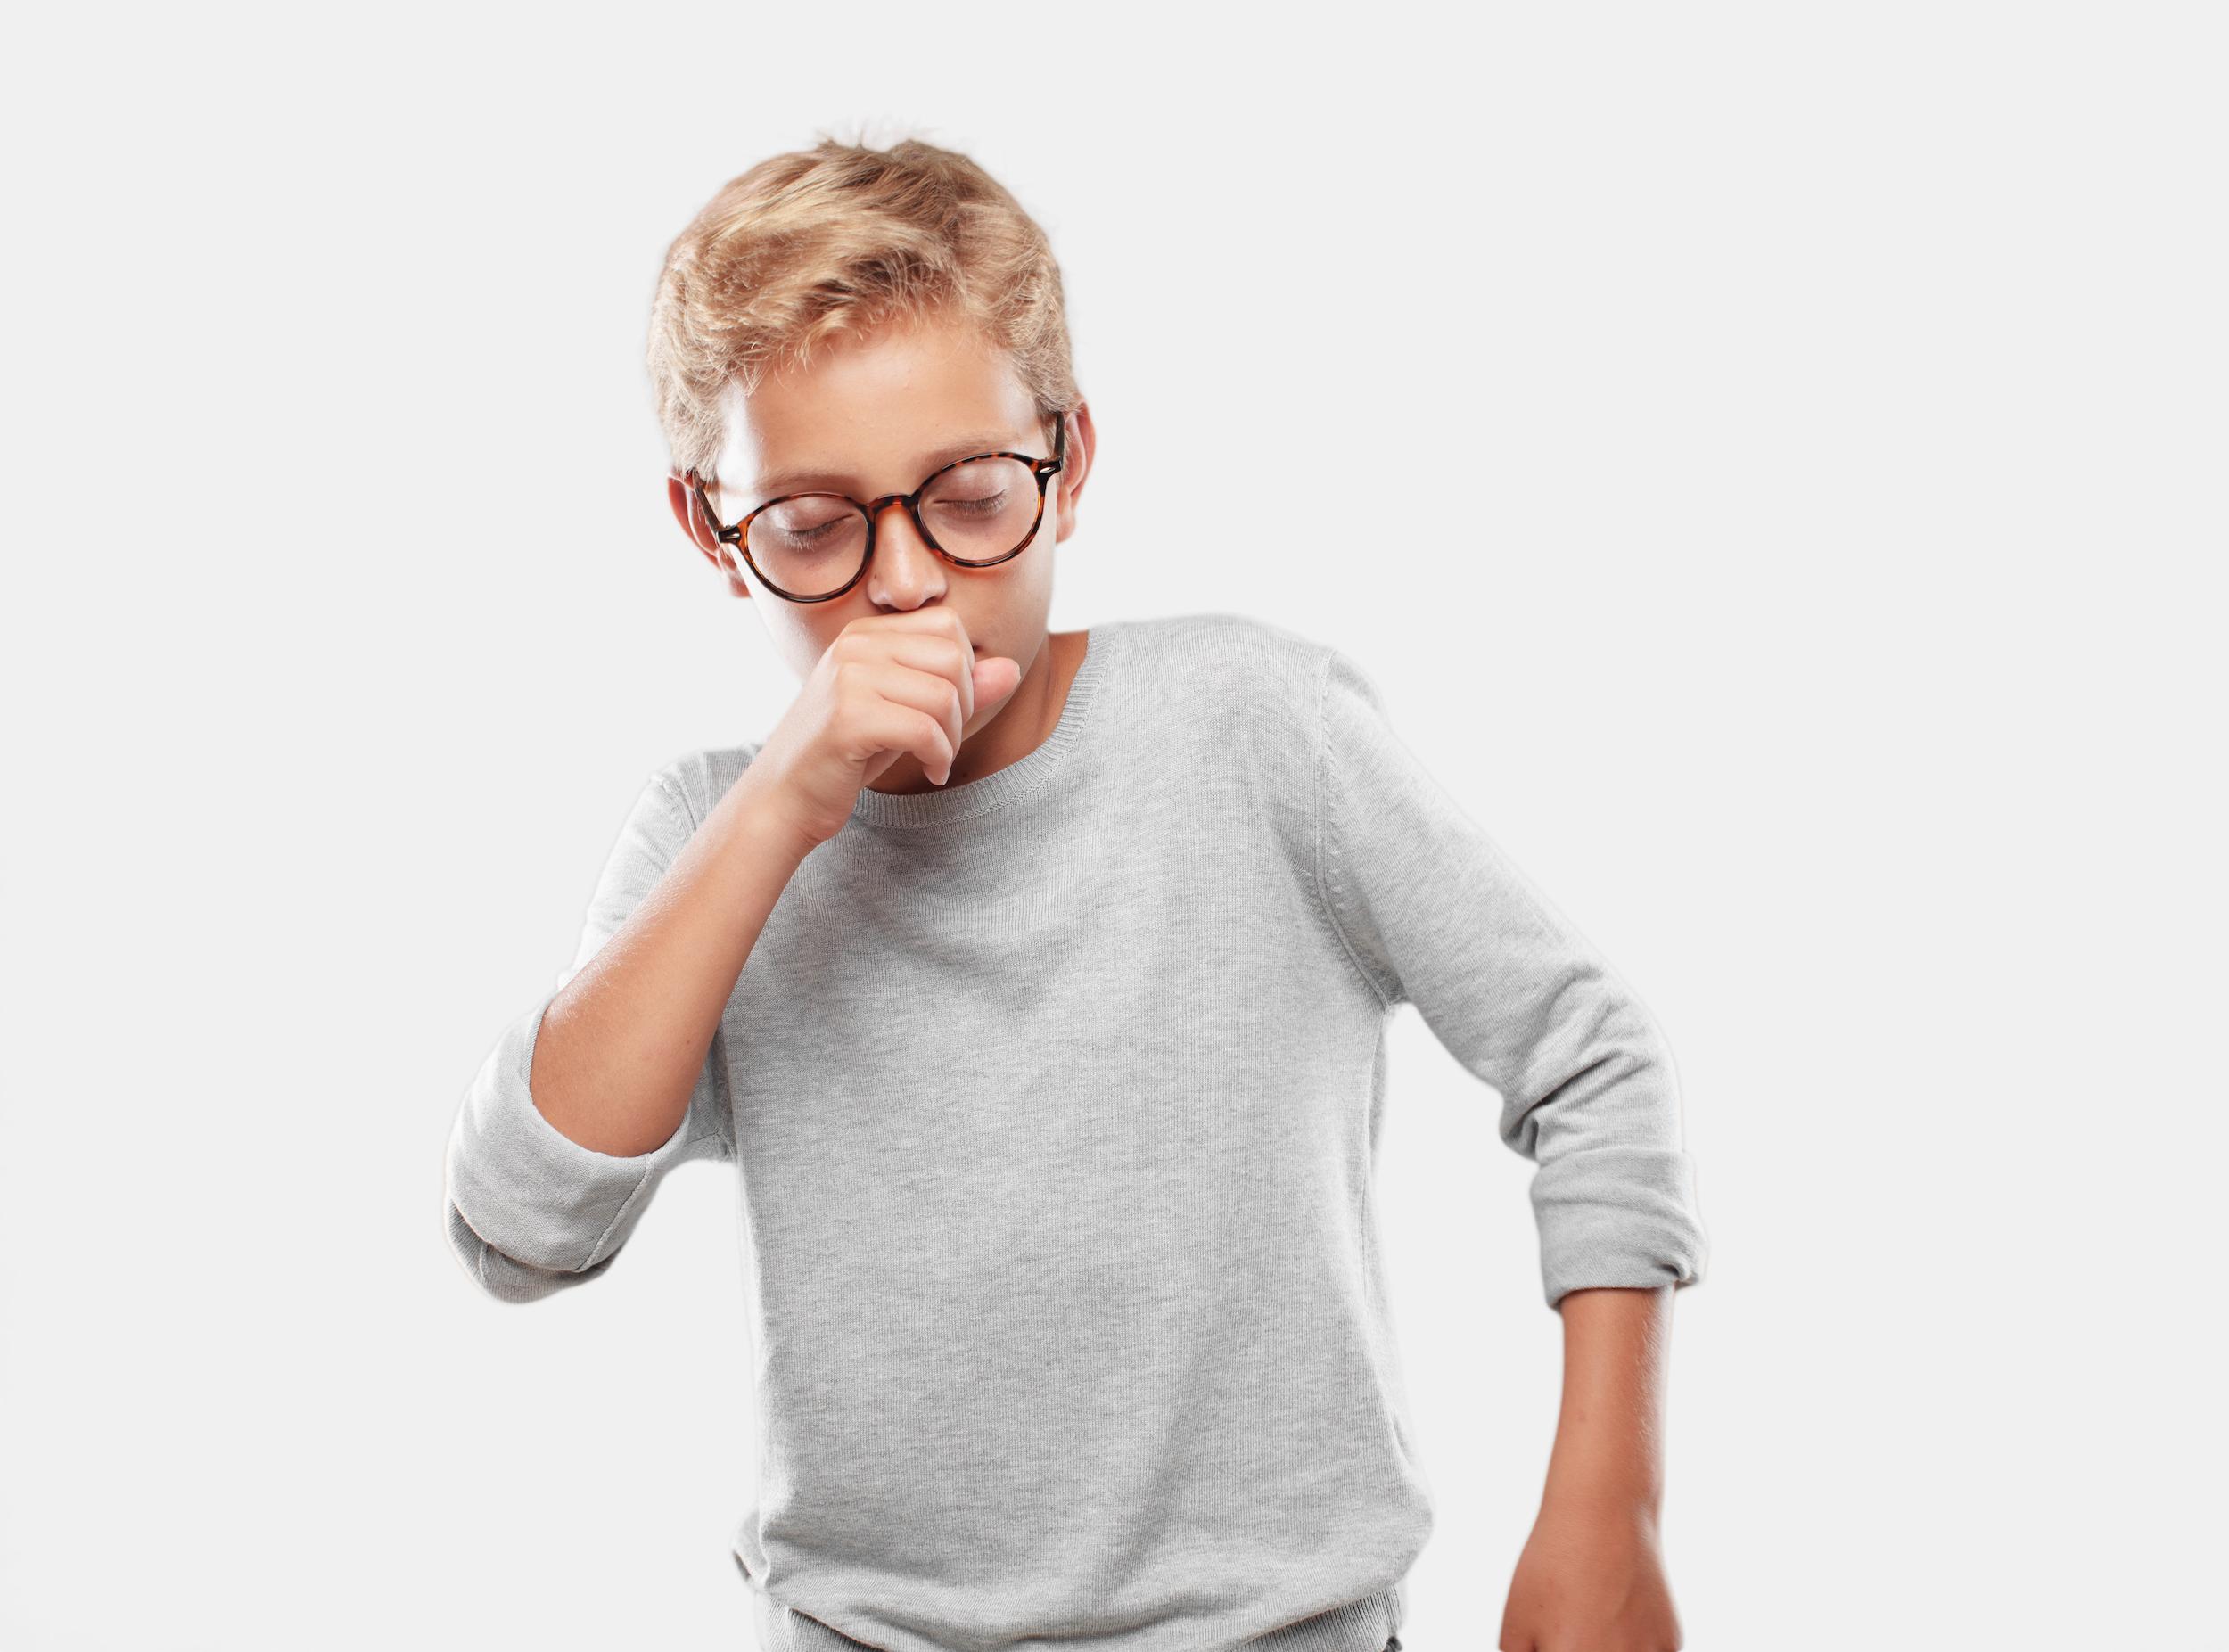 El uso de Fluimucil para niños en caso de resfriado